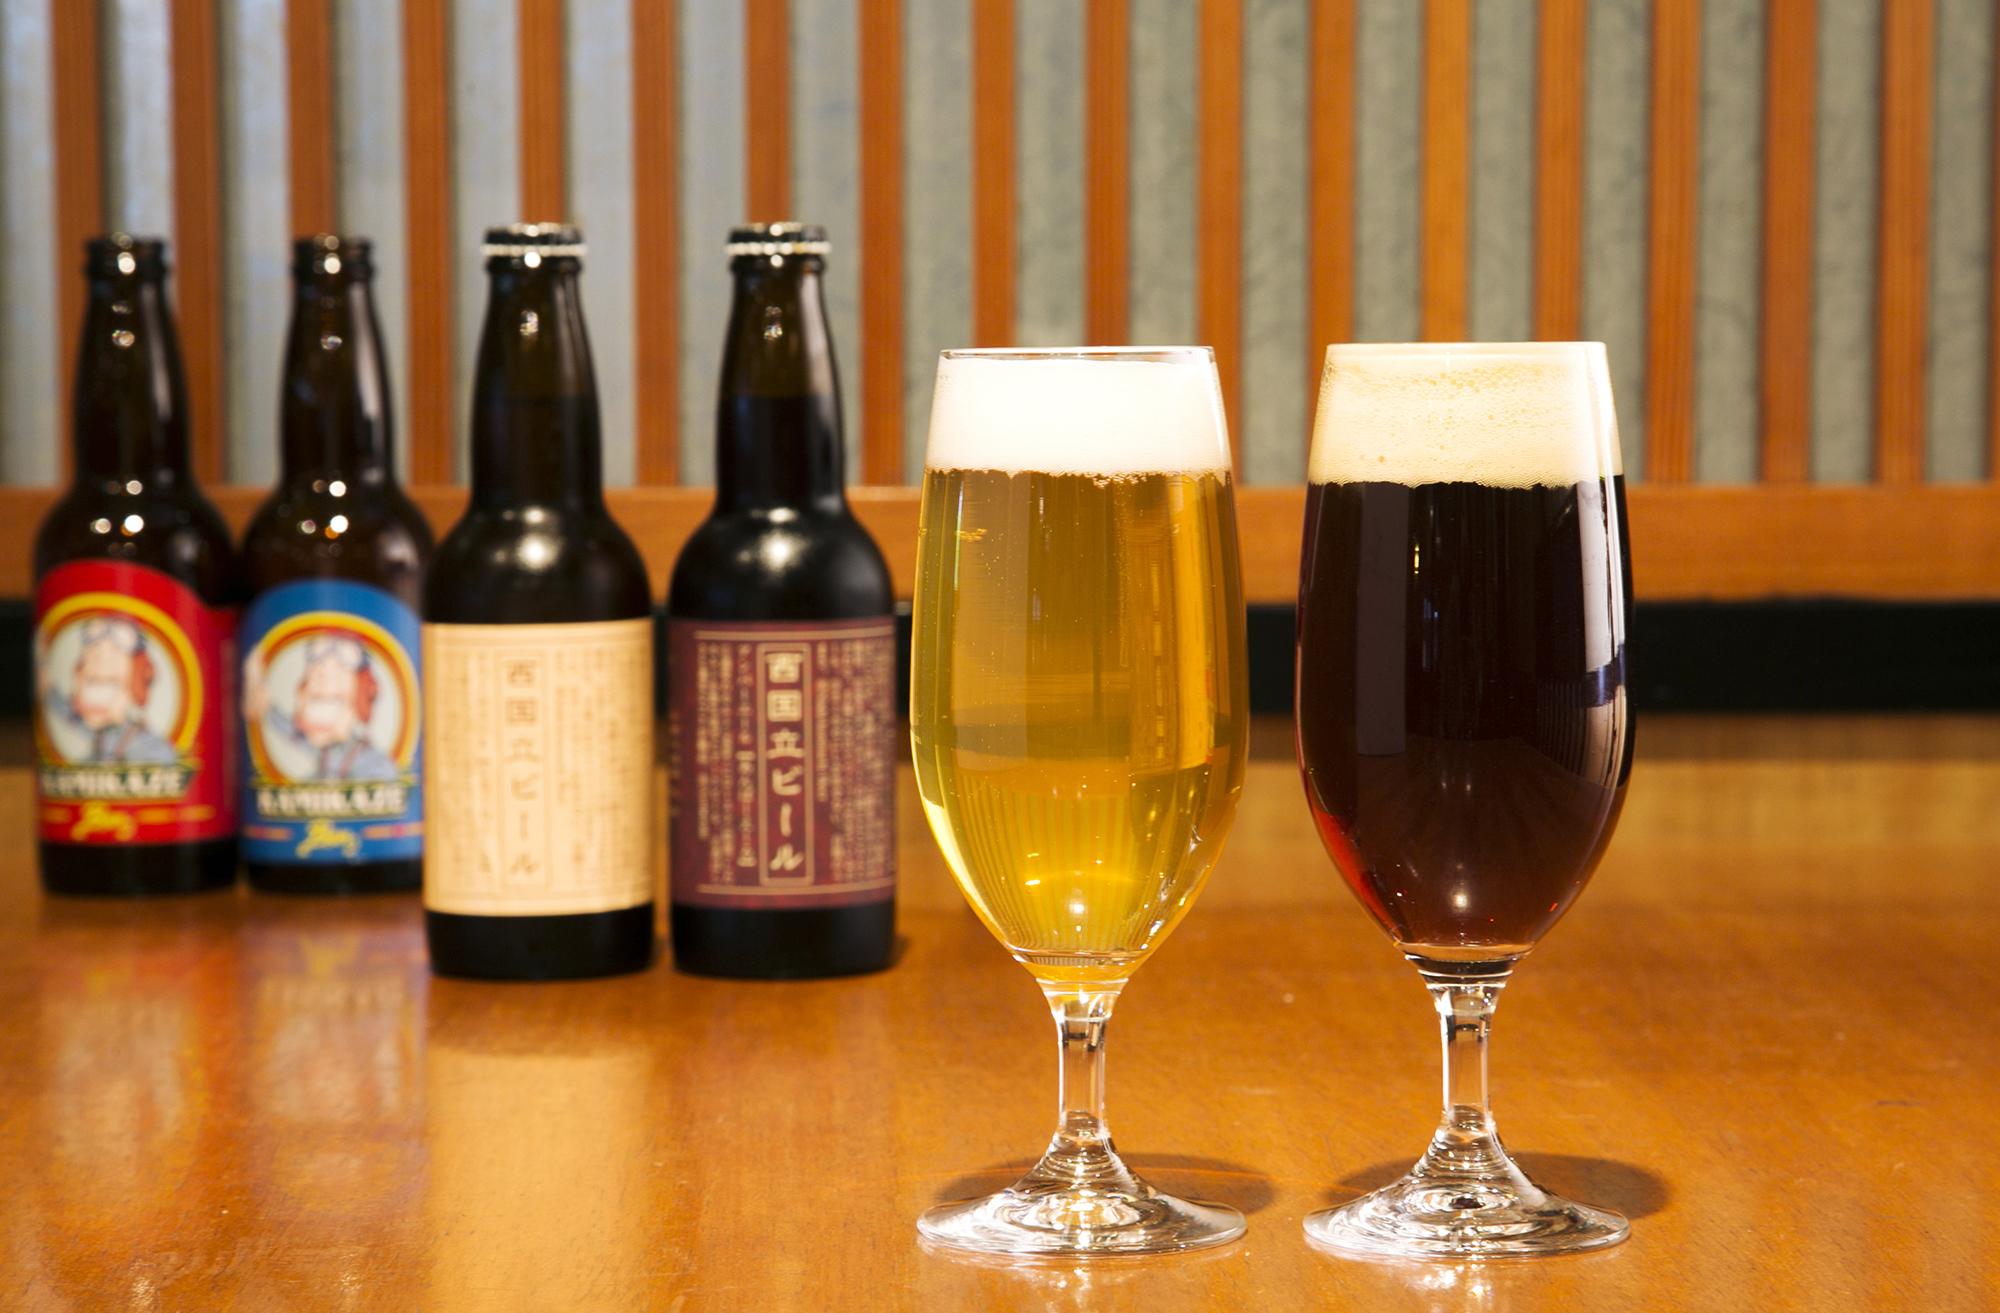 立川でしか買えない地ビールをお土産にしてはいかがですか